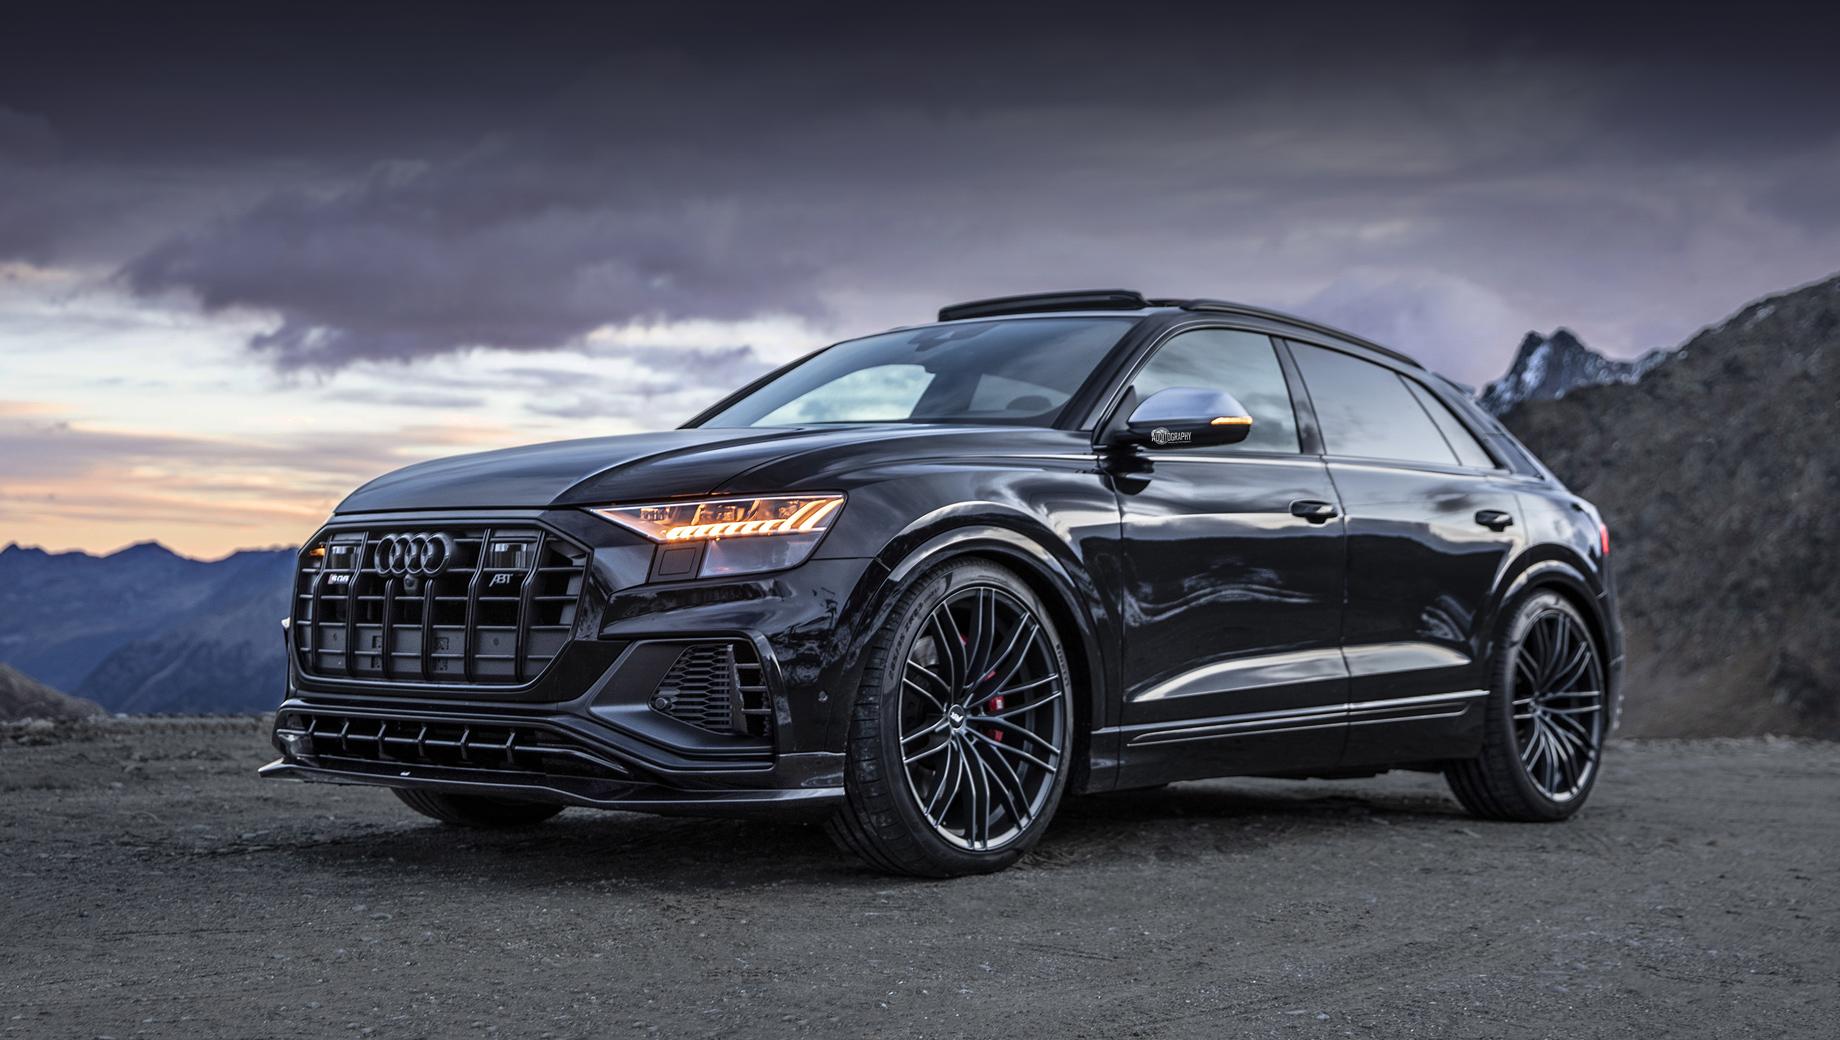 Audi sq8. Помимо форсировки, авторы модели приладили к ней новые сплиттер, диффузор и спойлер, поставили оригинальные колёсные диски.